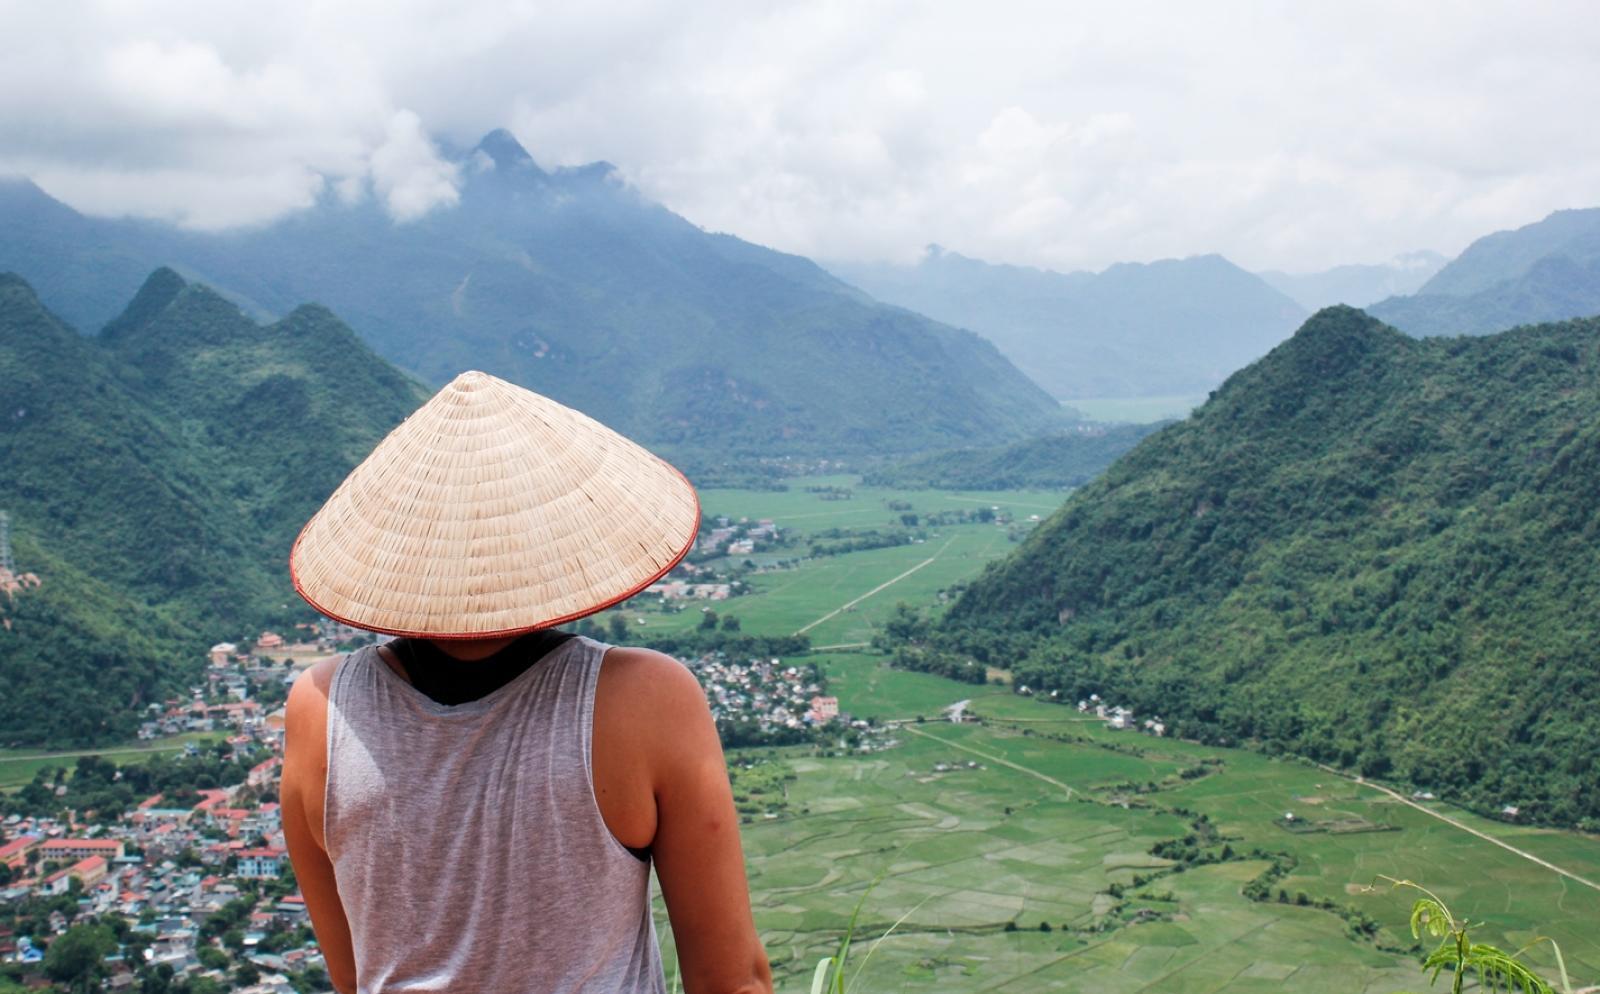 アジアの美しい田舎の風景を見下ろすボランンティア